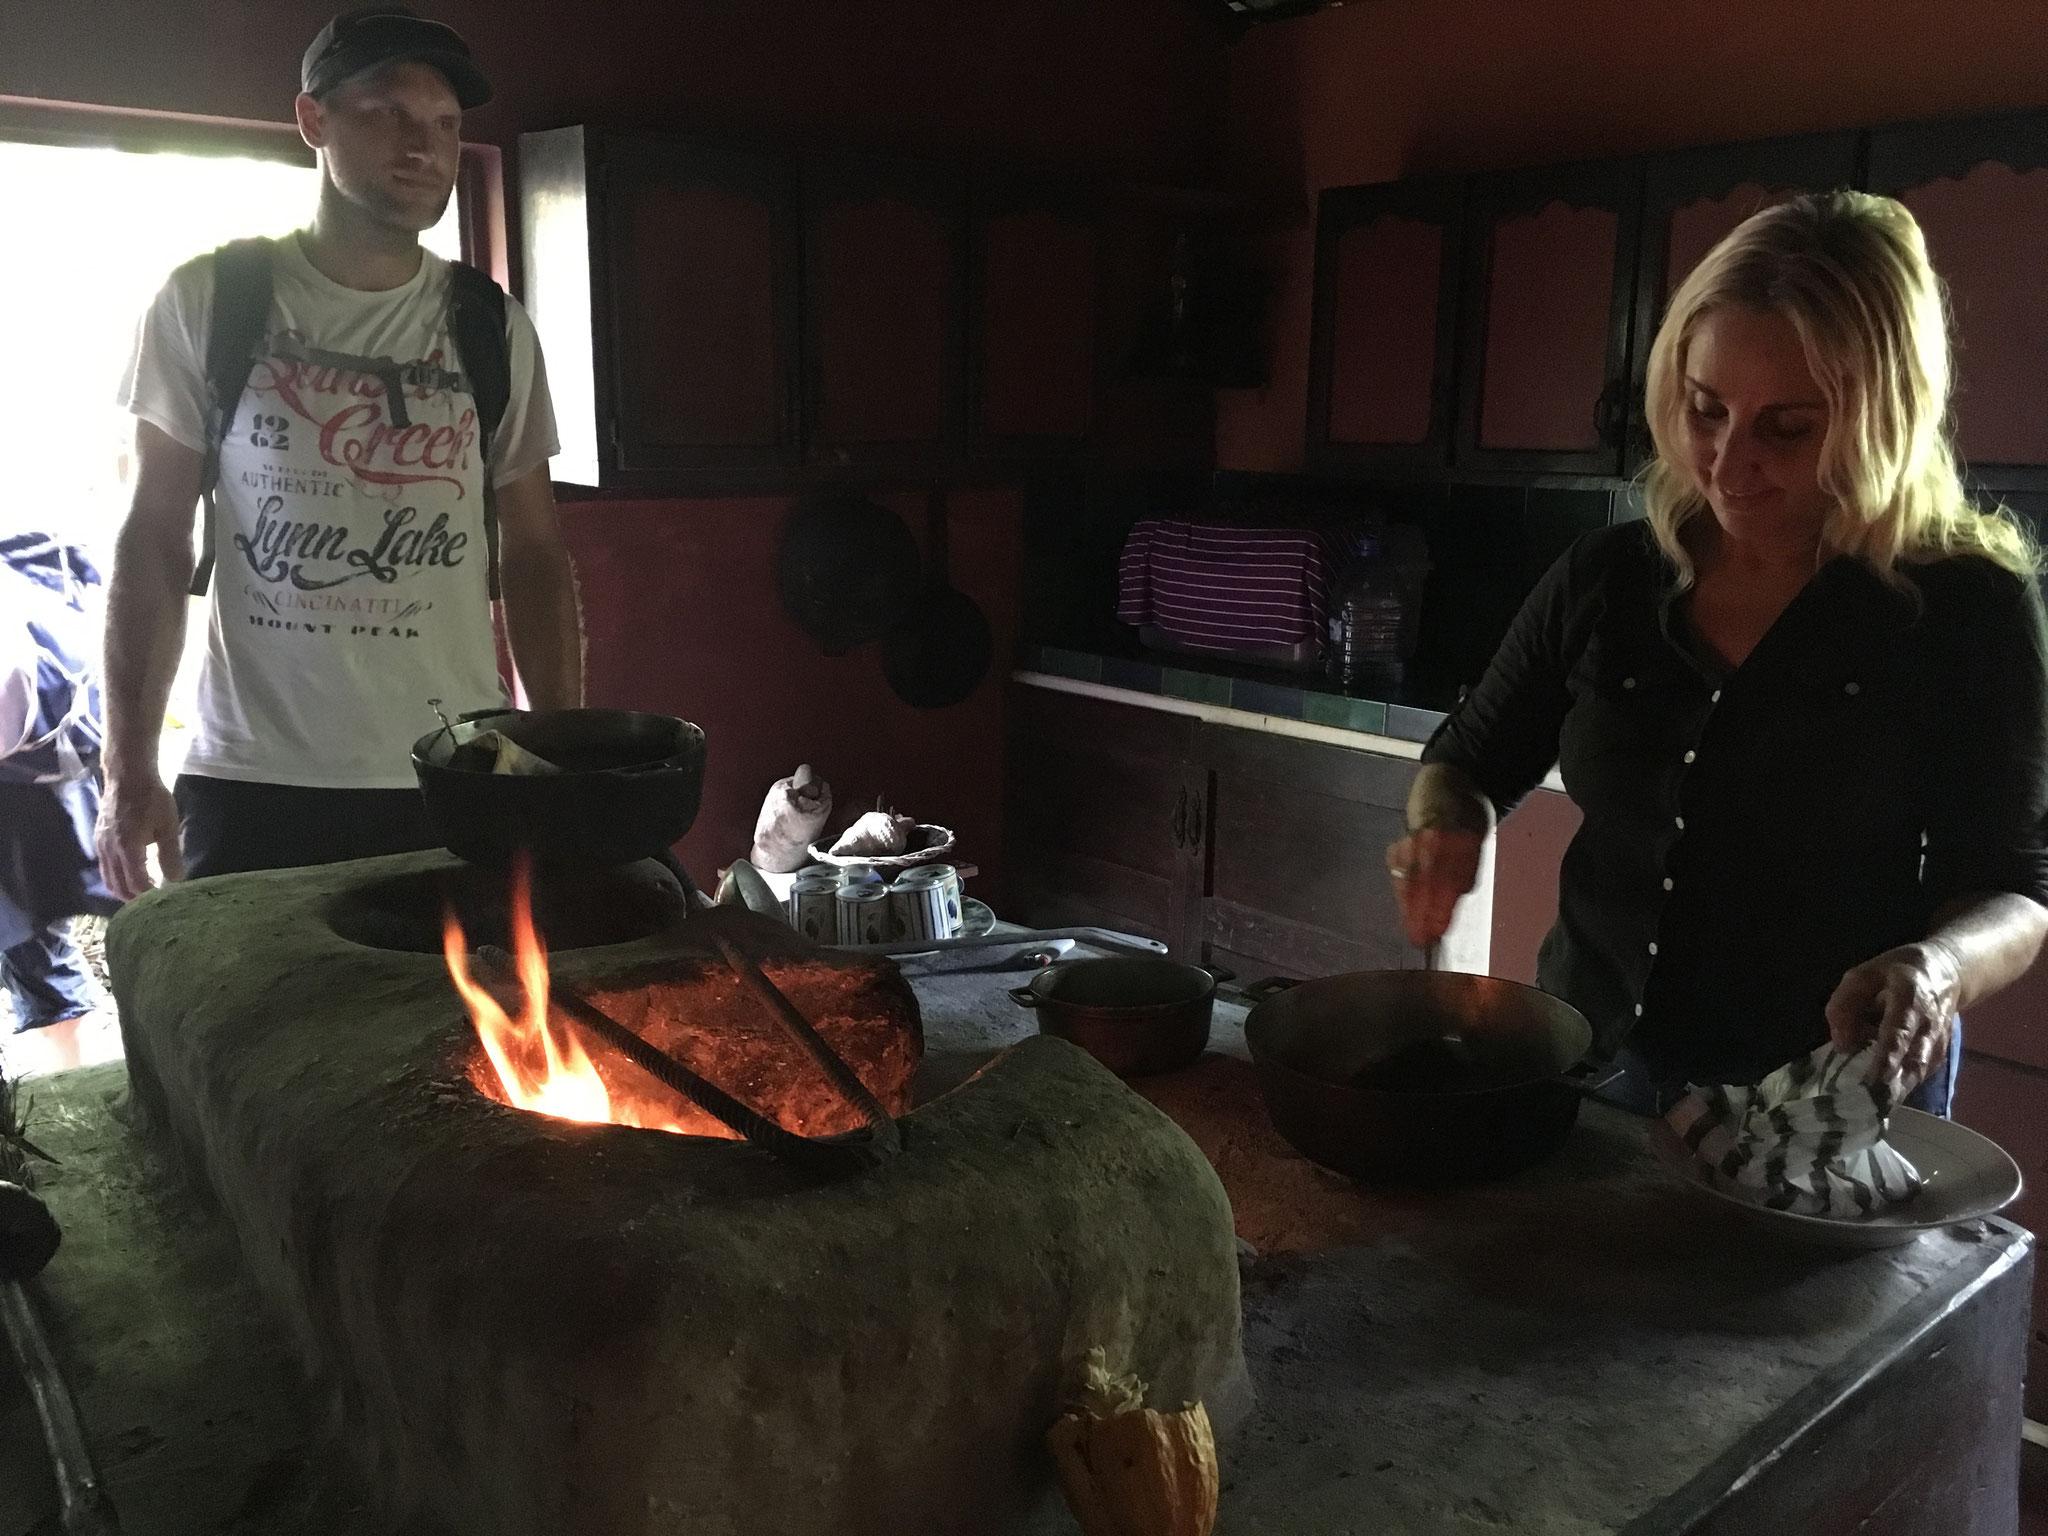 ehemalige Behausung/ frischer Kaffee auf offenem Feuer..